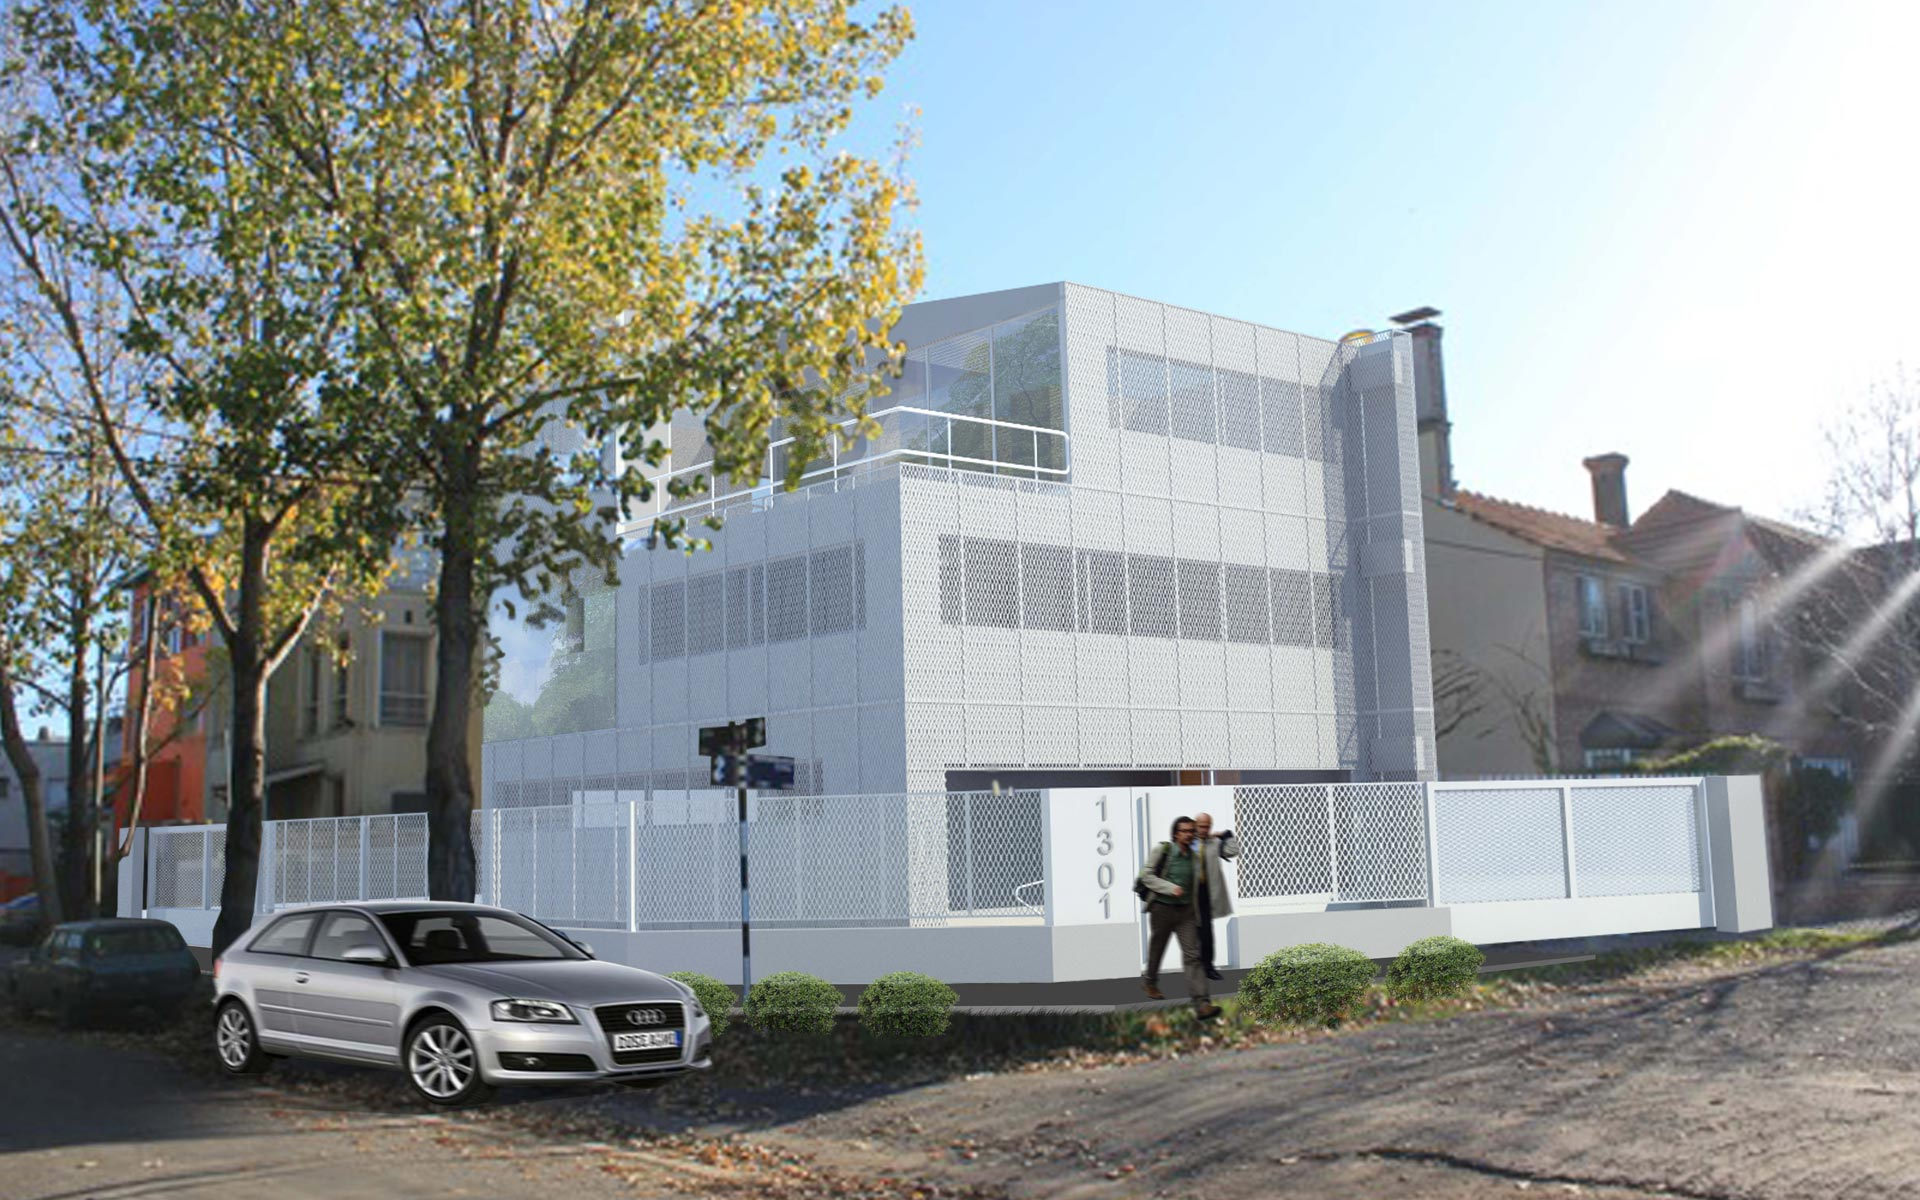 Arquitectura, reforma casa, exterior oficinas SPI en San Isidro, fachada de chapa mircroperforada blanca